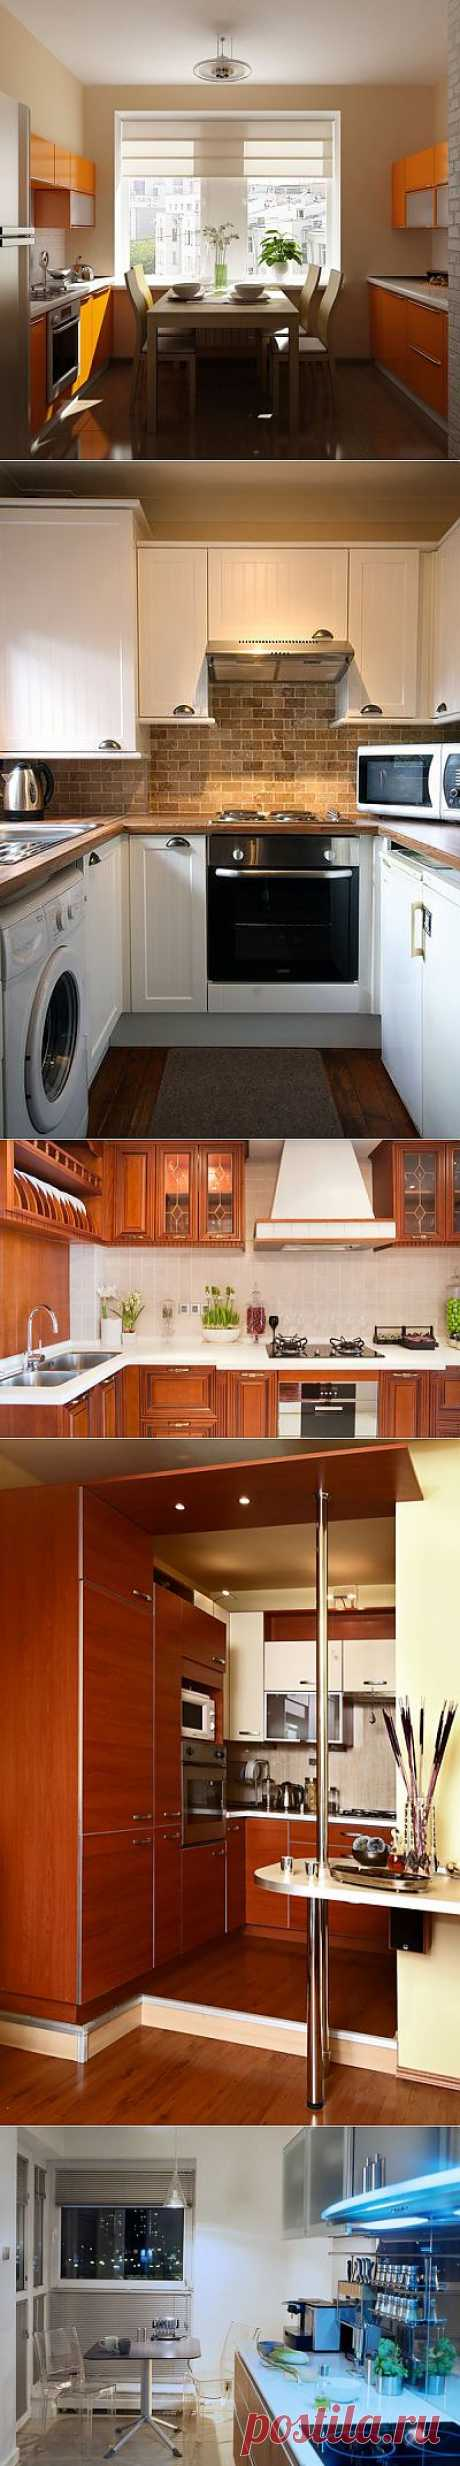 10 идей для дизайна малогабаритной кухни | Дизайн кухни фото